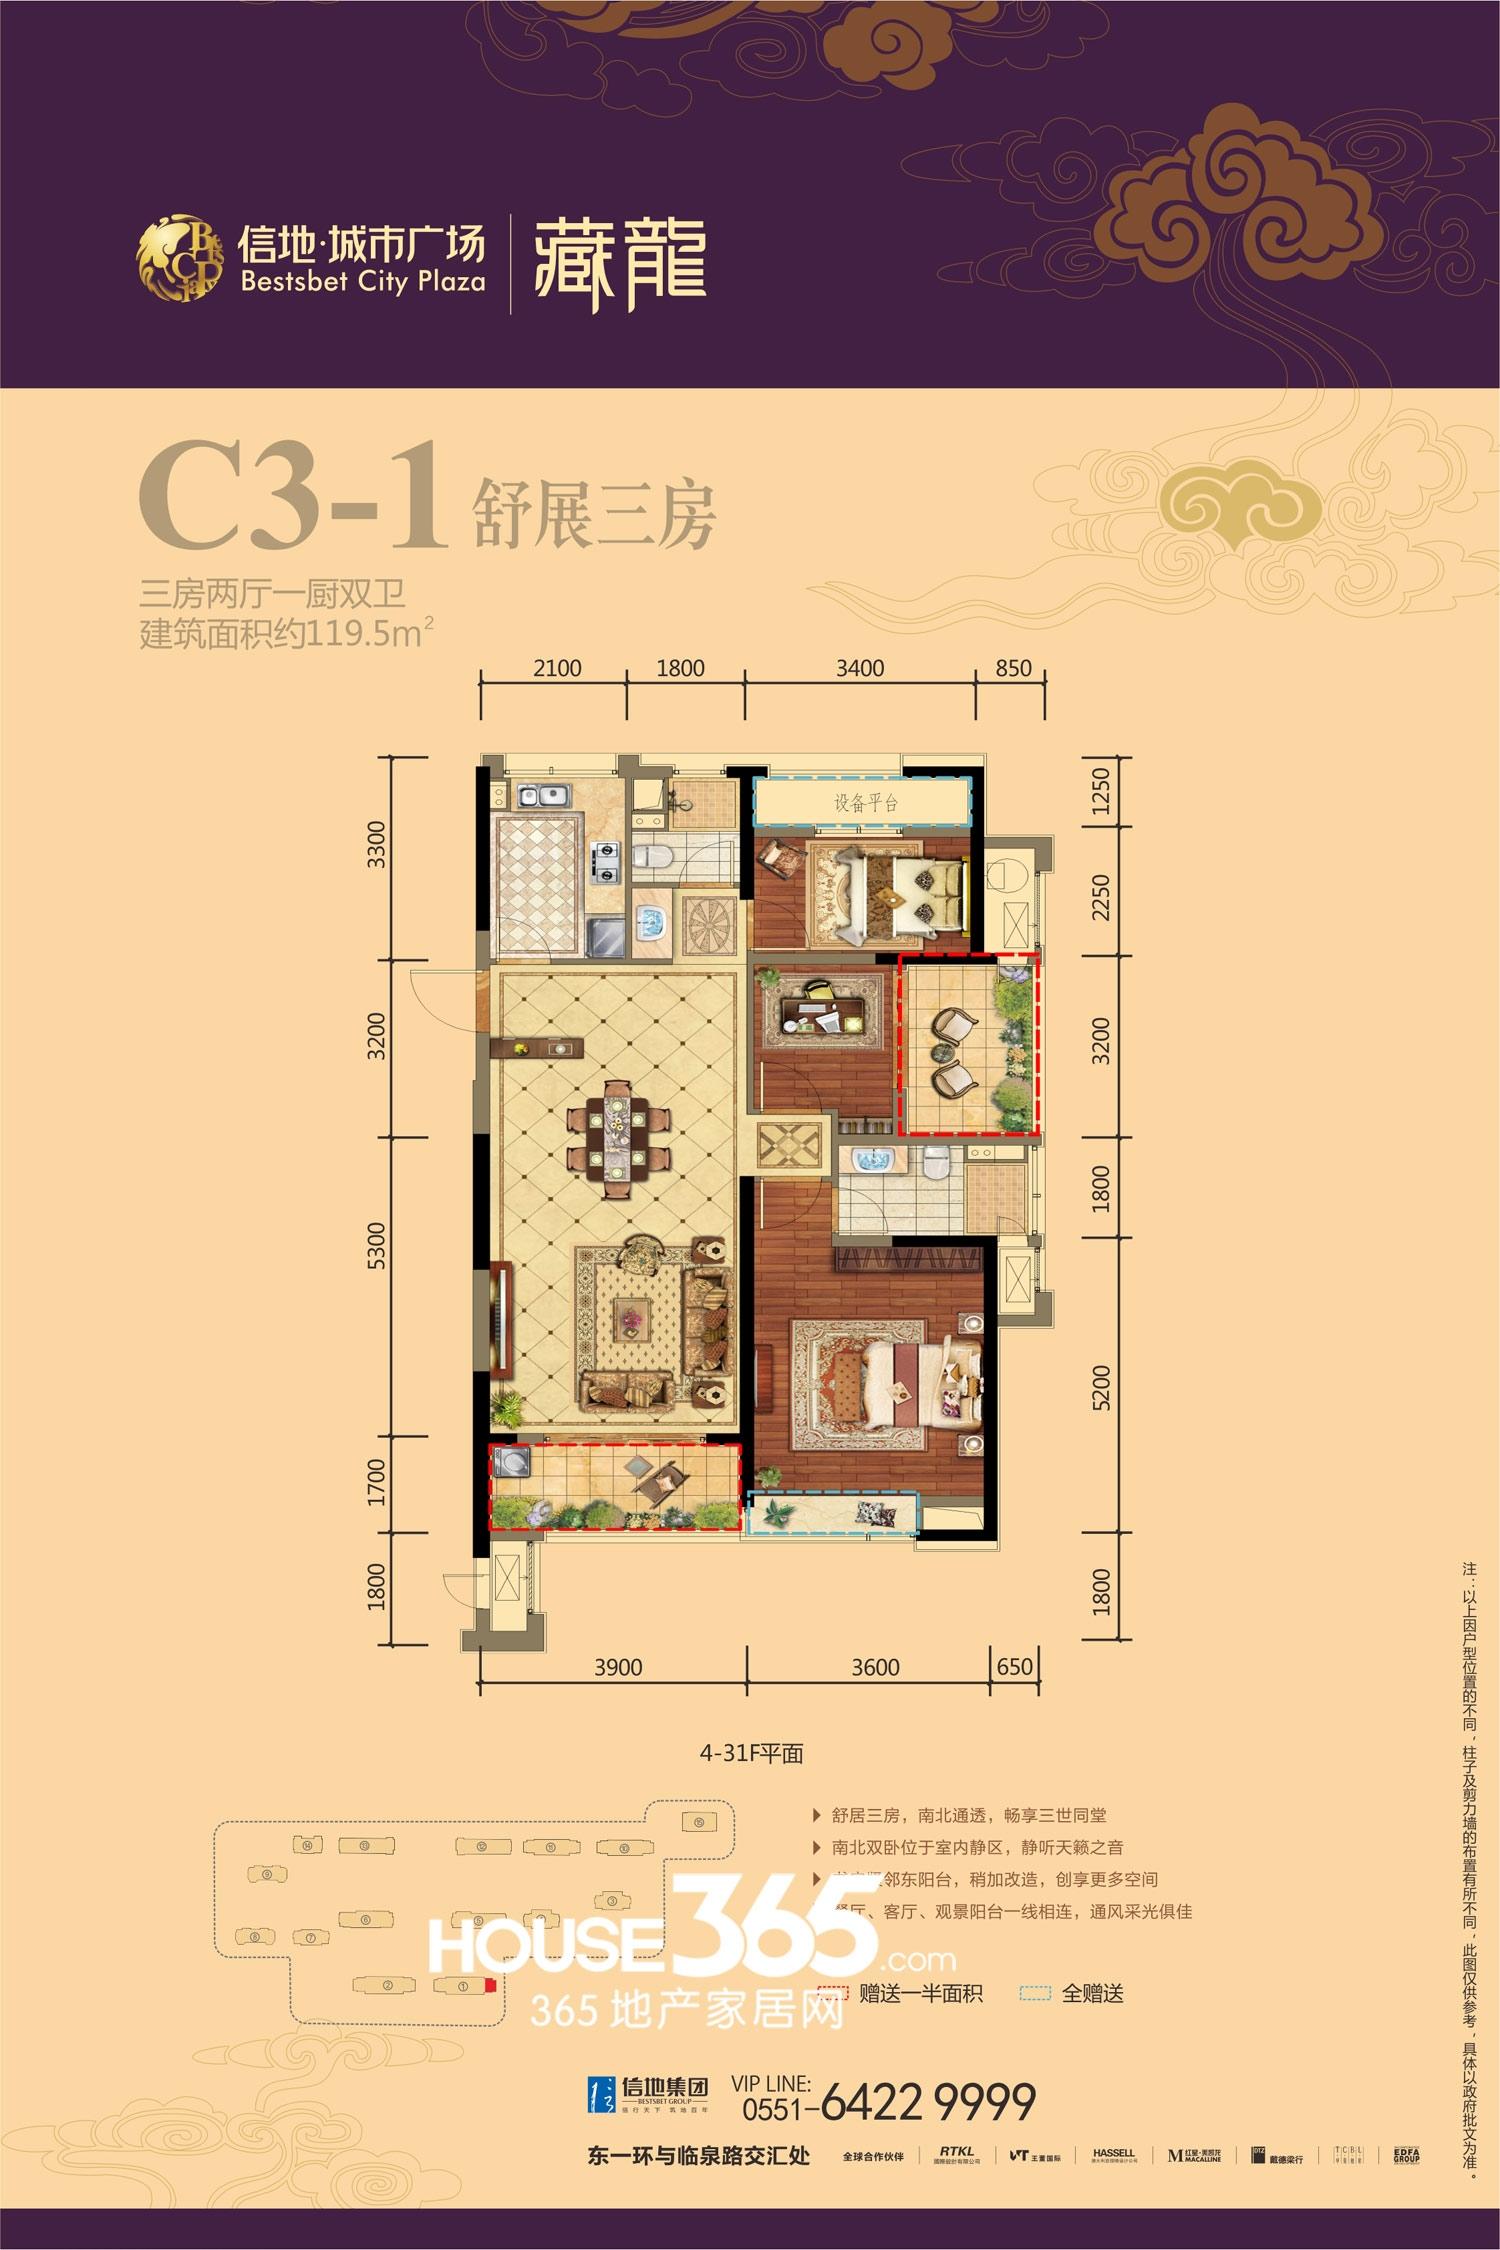 信地城市广场1#C3-1户型